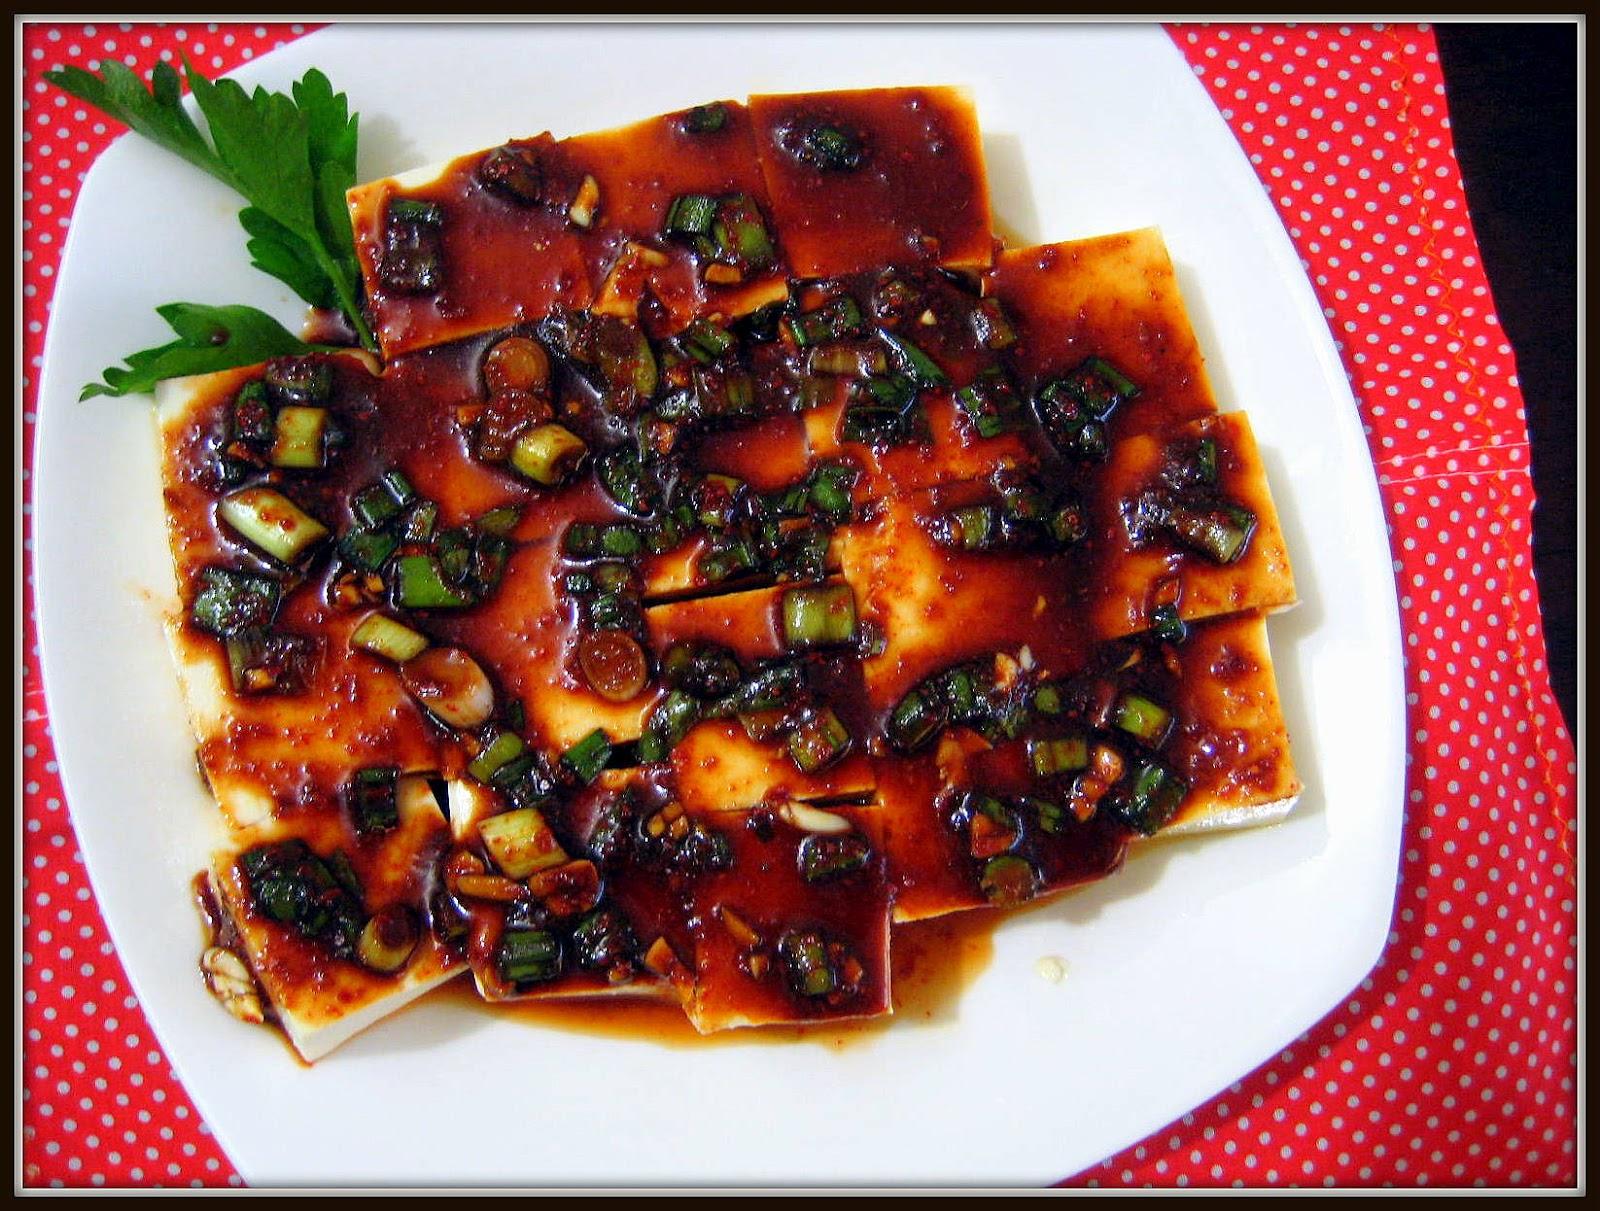 Food Tastes Yummy: KOREAN WARM TOFU WITH A SPICY SOY-GARLIC SAUCE